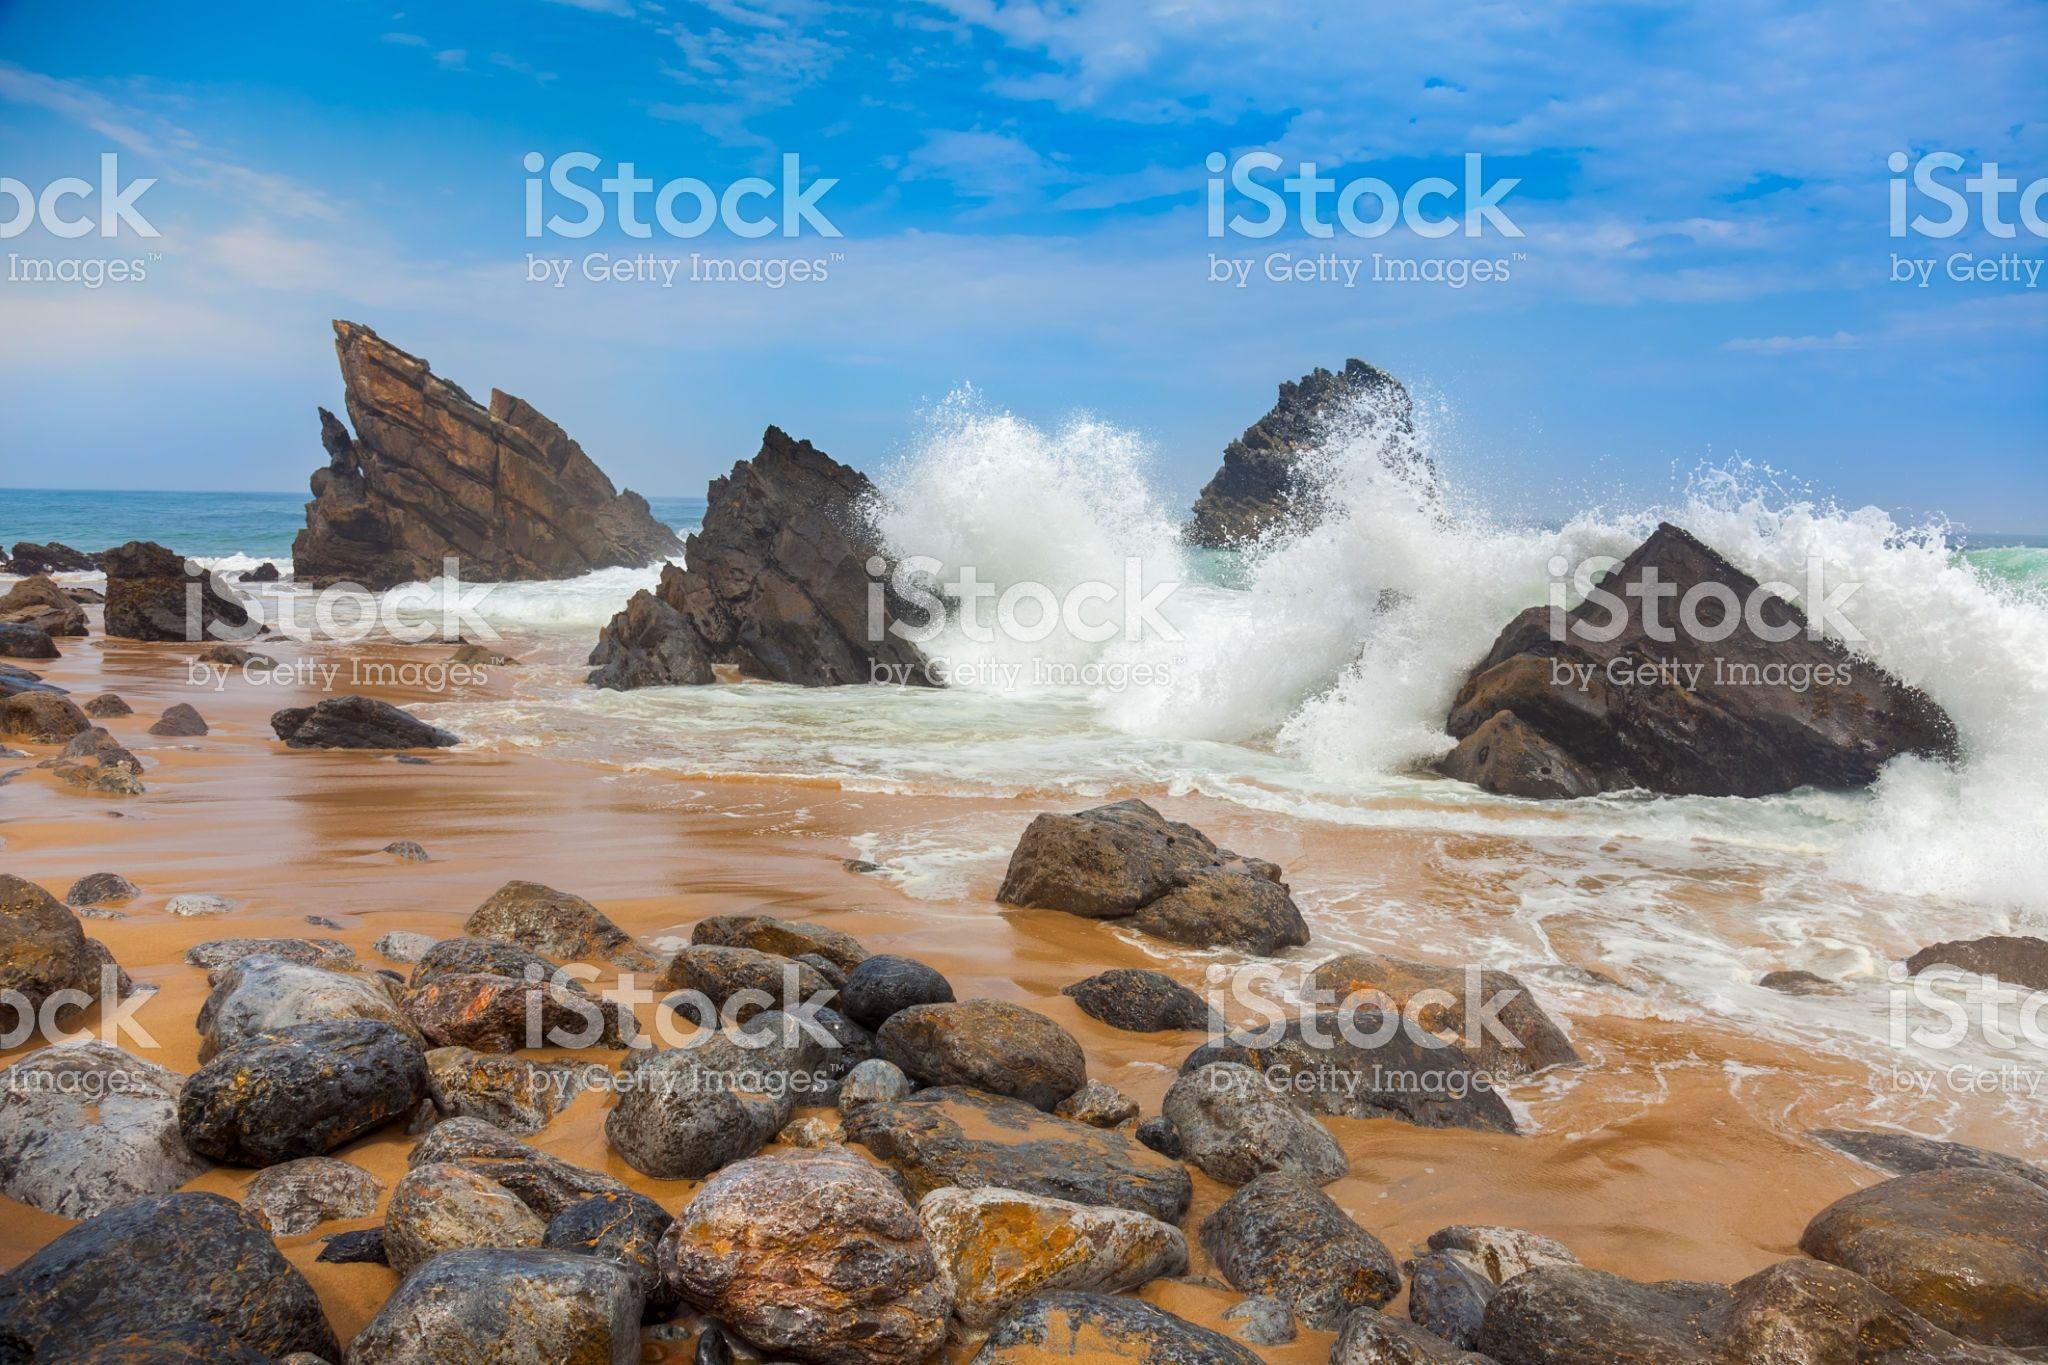 Ocean Beach Landscape Big Waves Breaking On The Shore With Rocks Beach Landscape Ocean Beach Big Waves